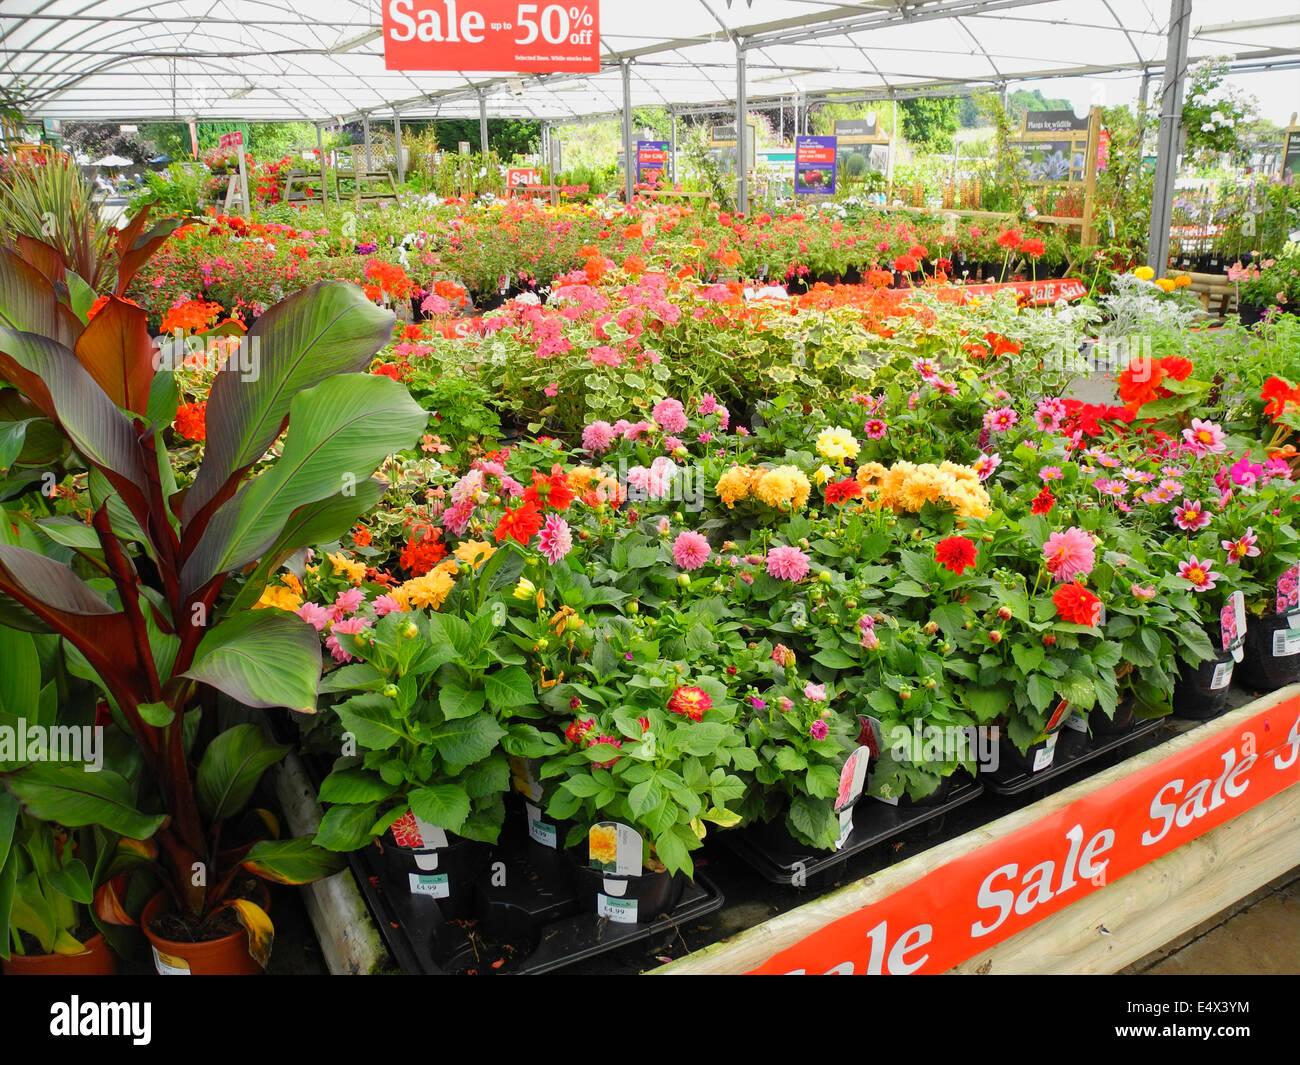 Centre jardin moitié prix vente de surplus excédentaire utilisation éditoriale plantes seulement Photo Stock